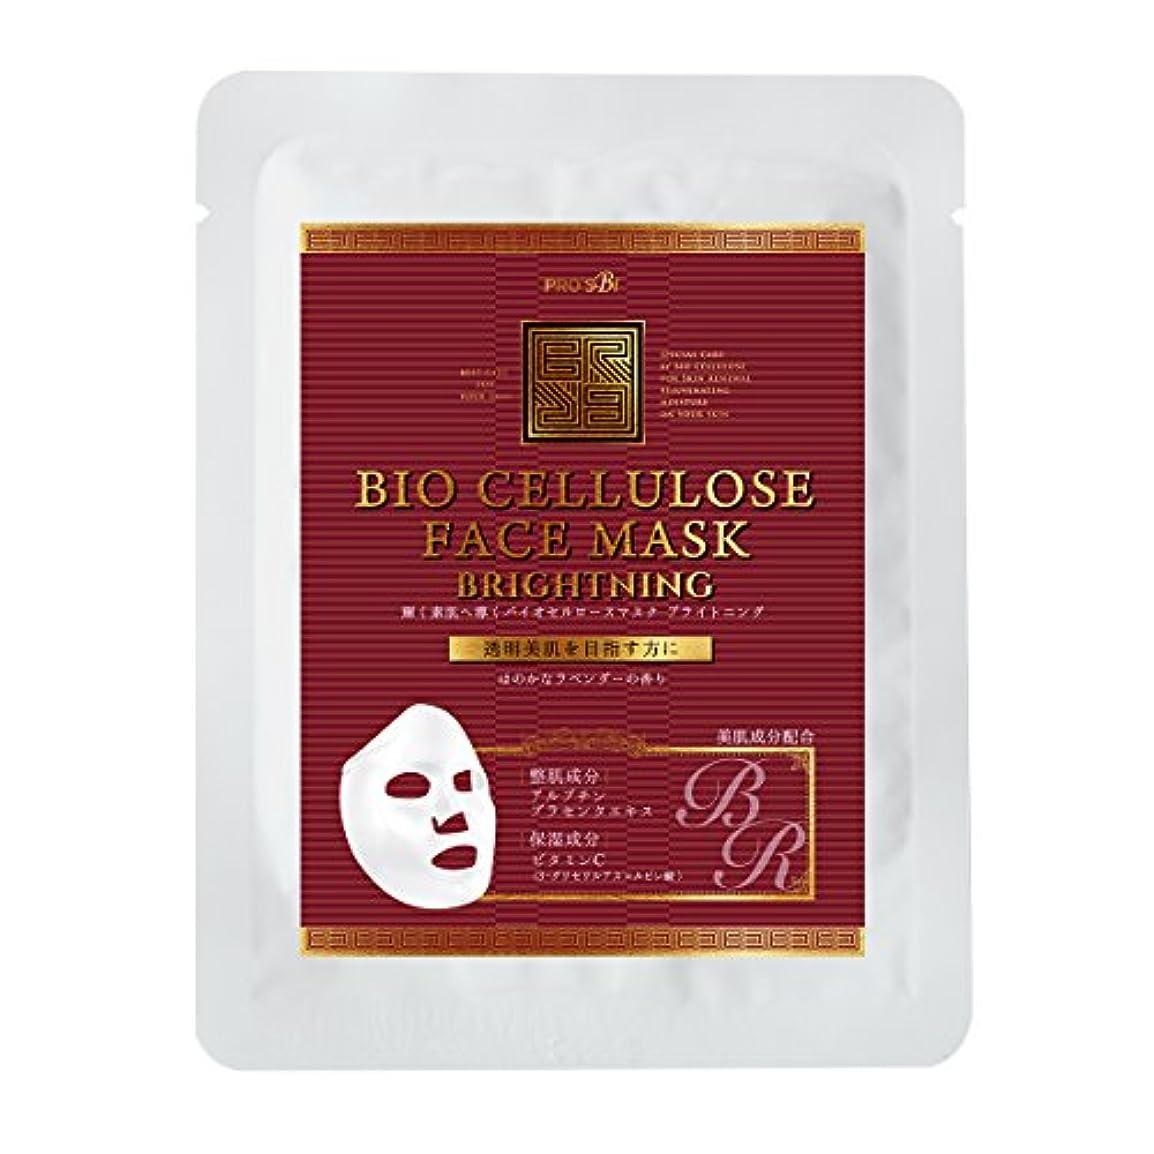 比べる拍手する後世【全4種】 プロズビ バイオセルロースマスク ブライトニング [ フェイスマスク フェイスシート フェイスパック フェイシャルマスク シートマスク フェイシャルシート フェイシャルパック ローションマスク ローションパック 顔パック ]